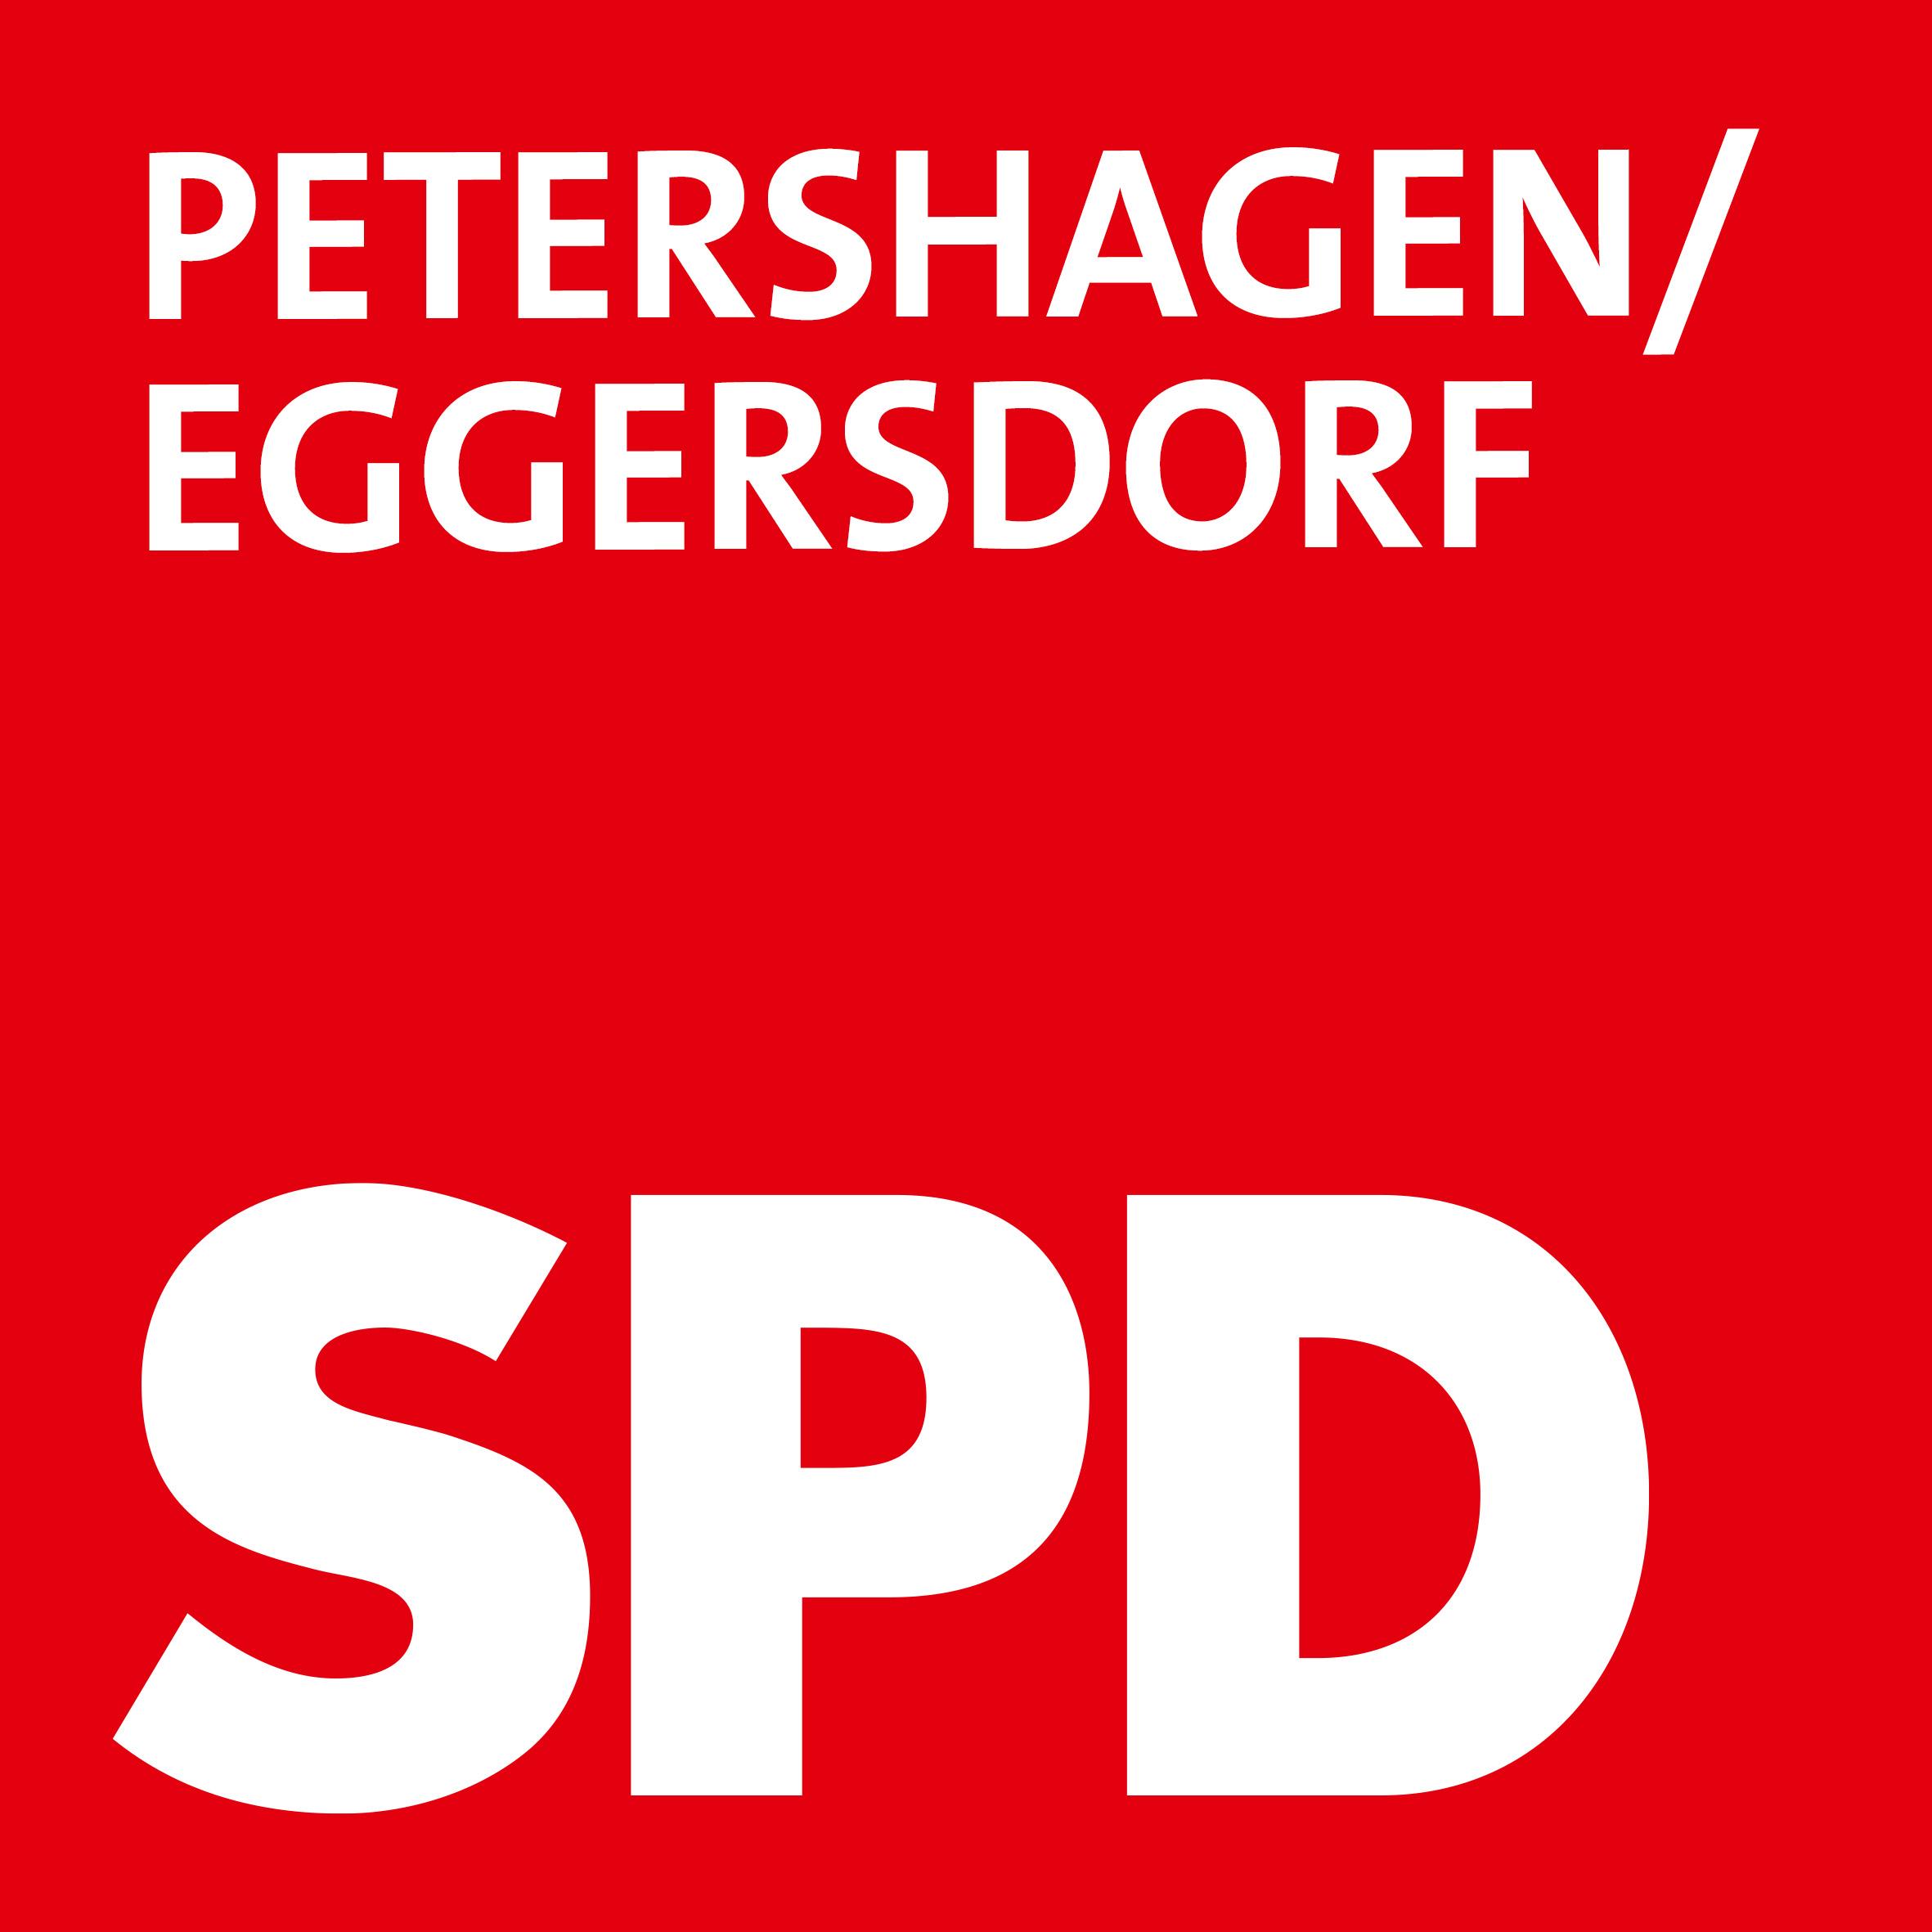 SPD Petershagen/Eggersdorf